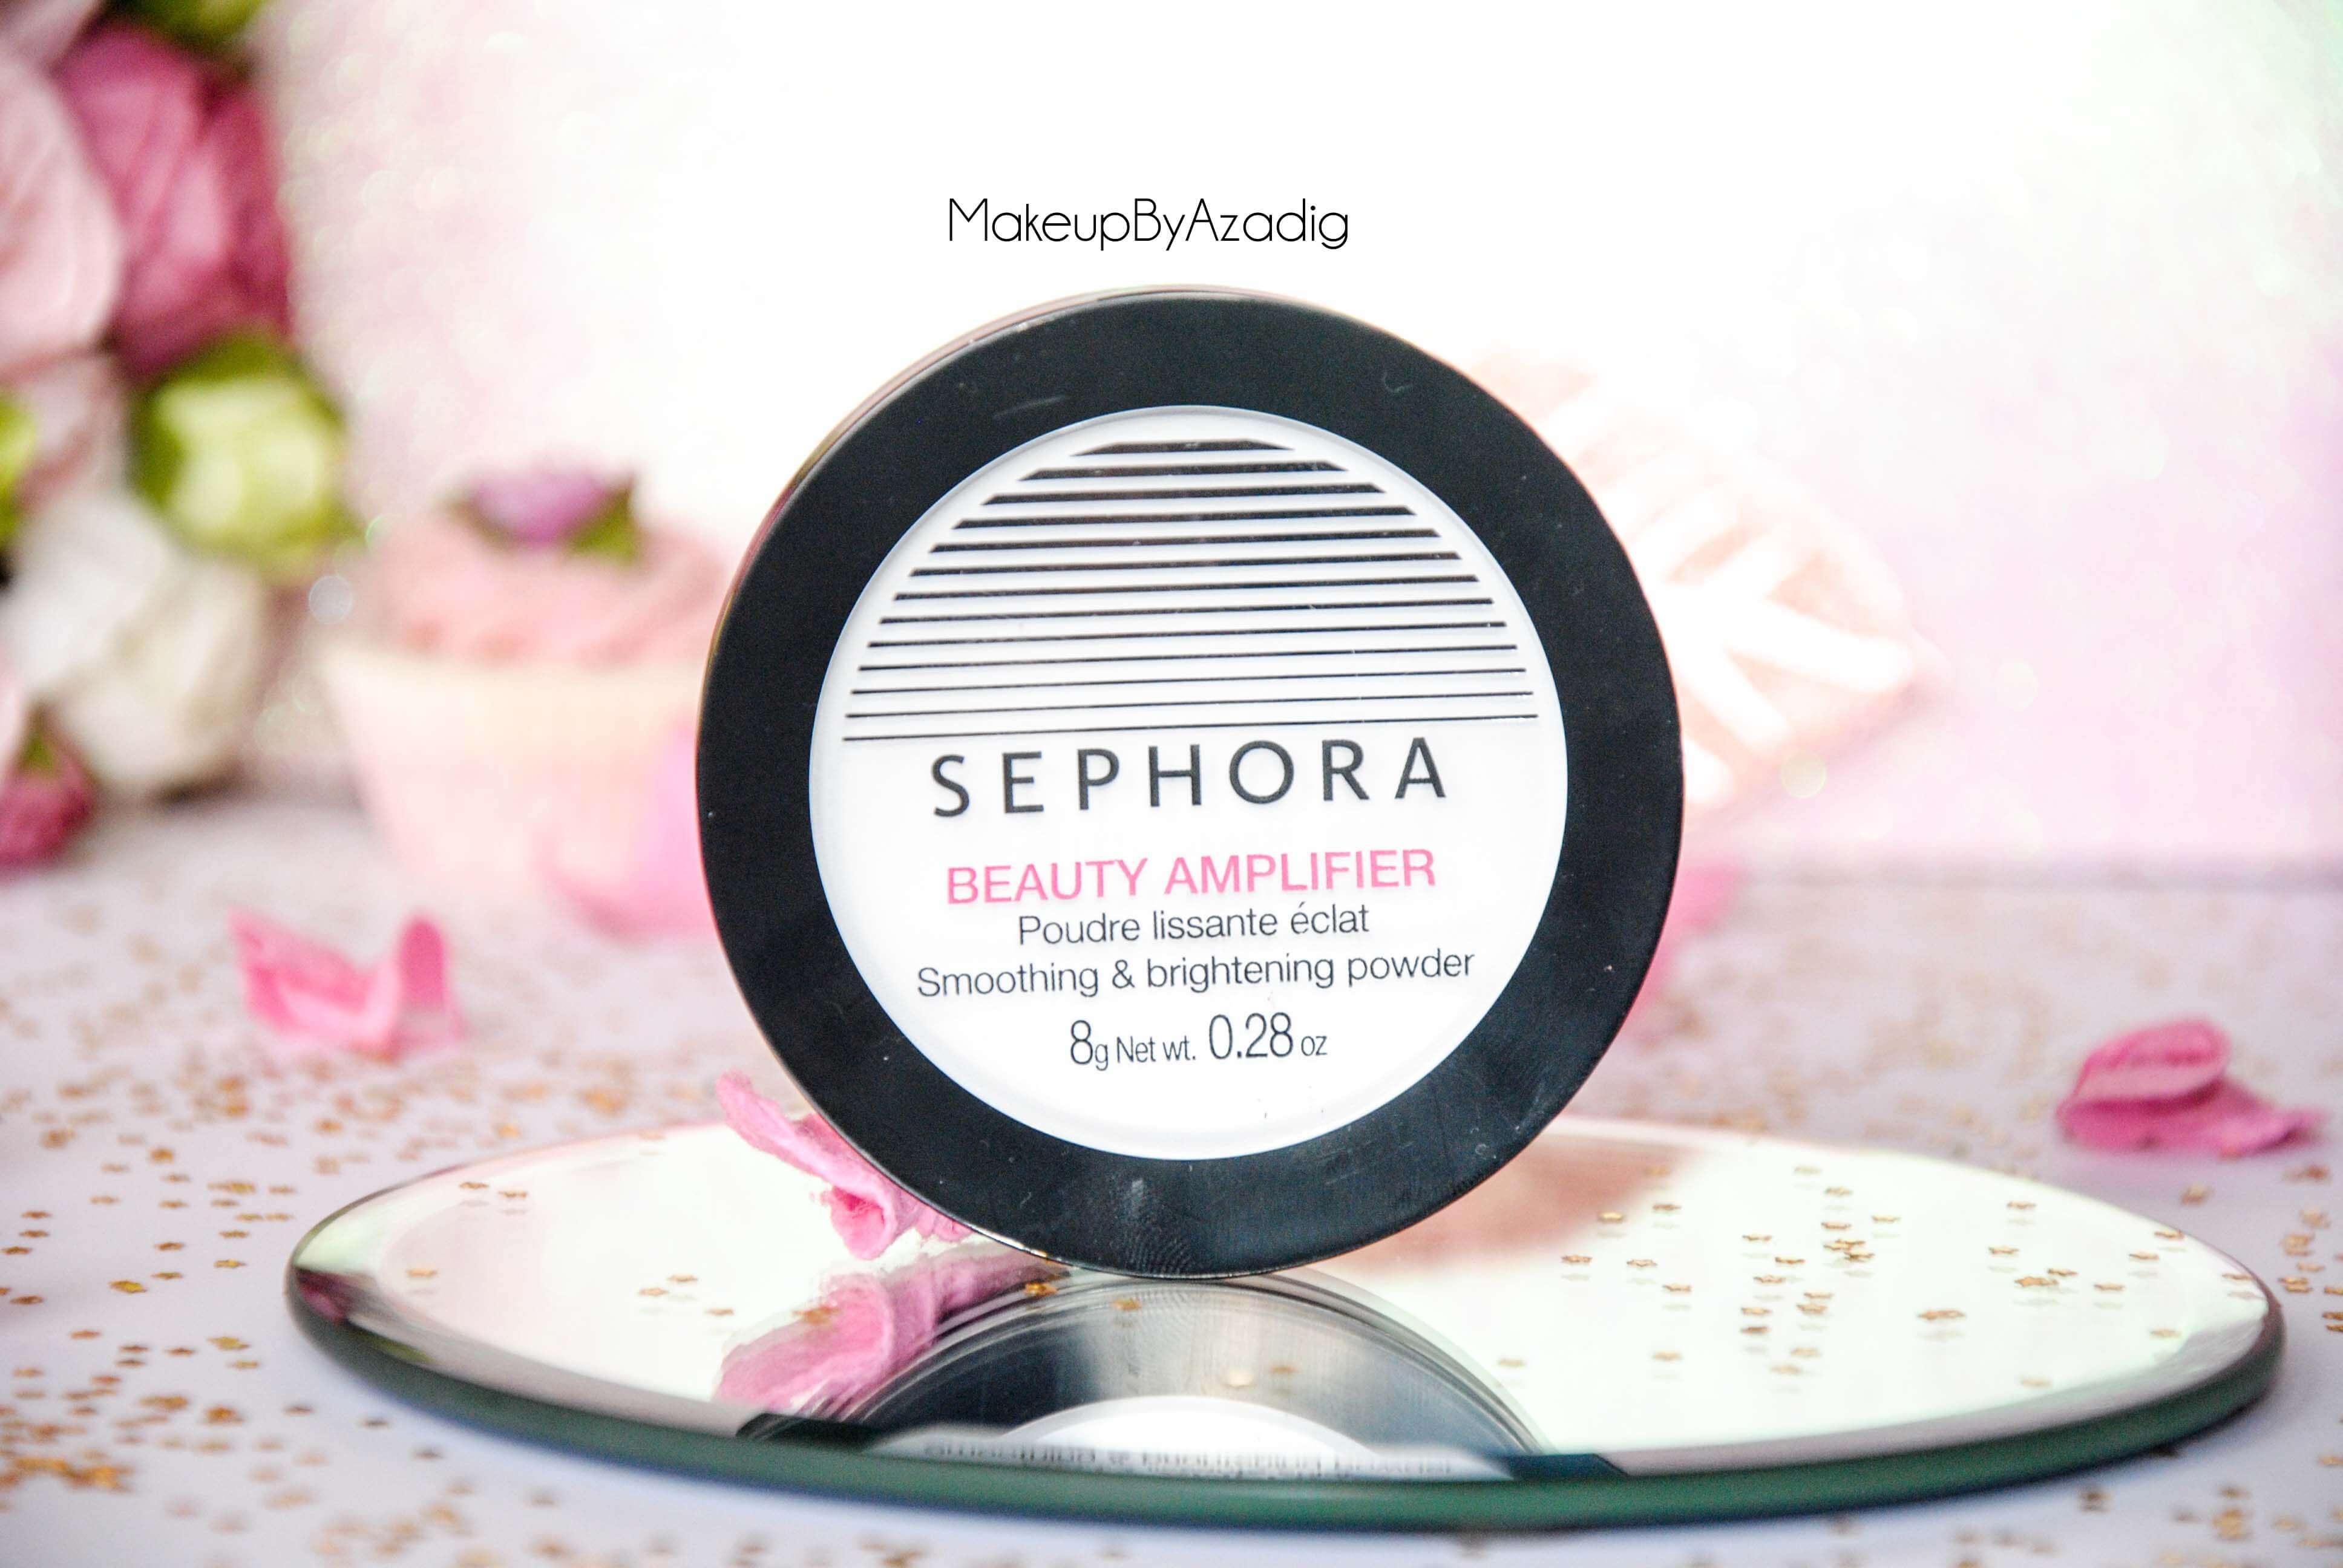 miniature-poudre-matifiante-beauty-amplifier-sephora-paris-makeupbyazadig-troyes-revue-avis-prix